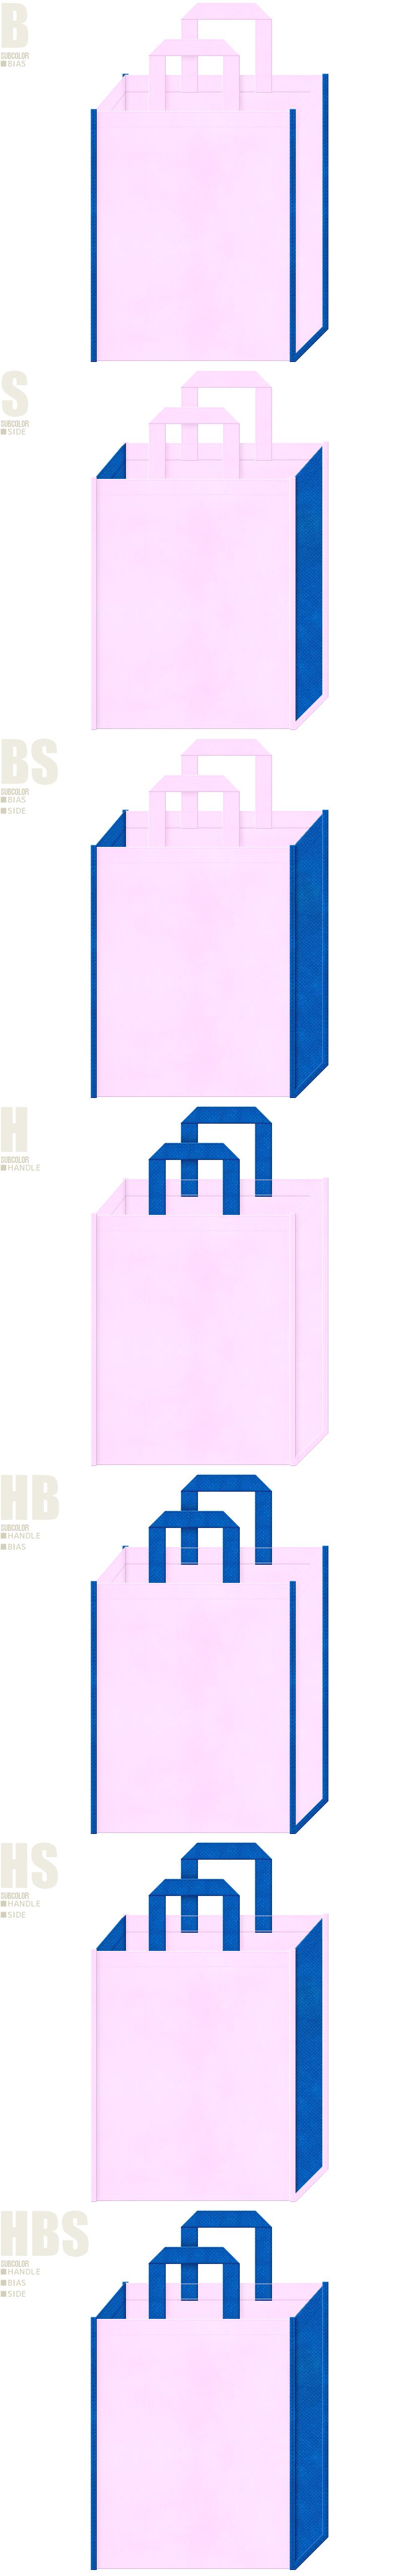 不織布トートバッグのデザイン例-不織布メインカラーNo.37+サブカラーNo.22の2色7パターン